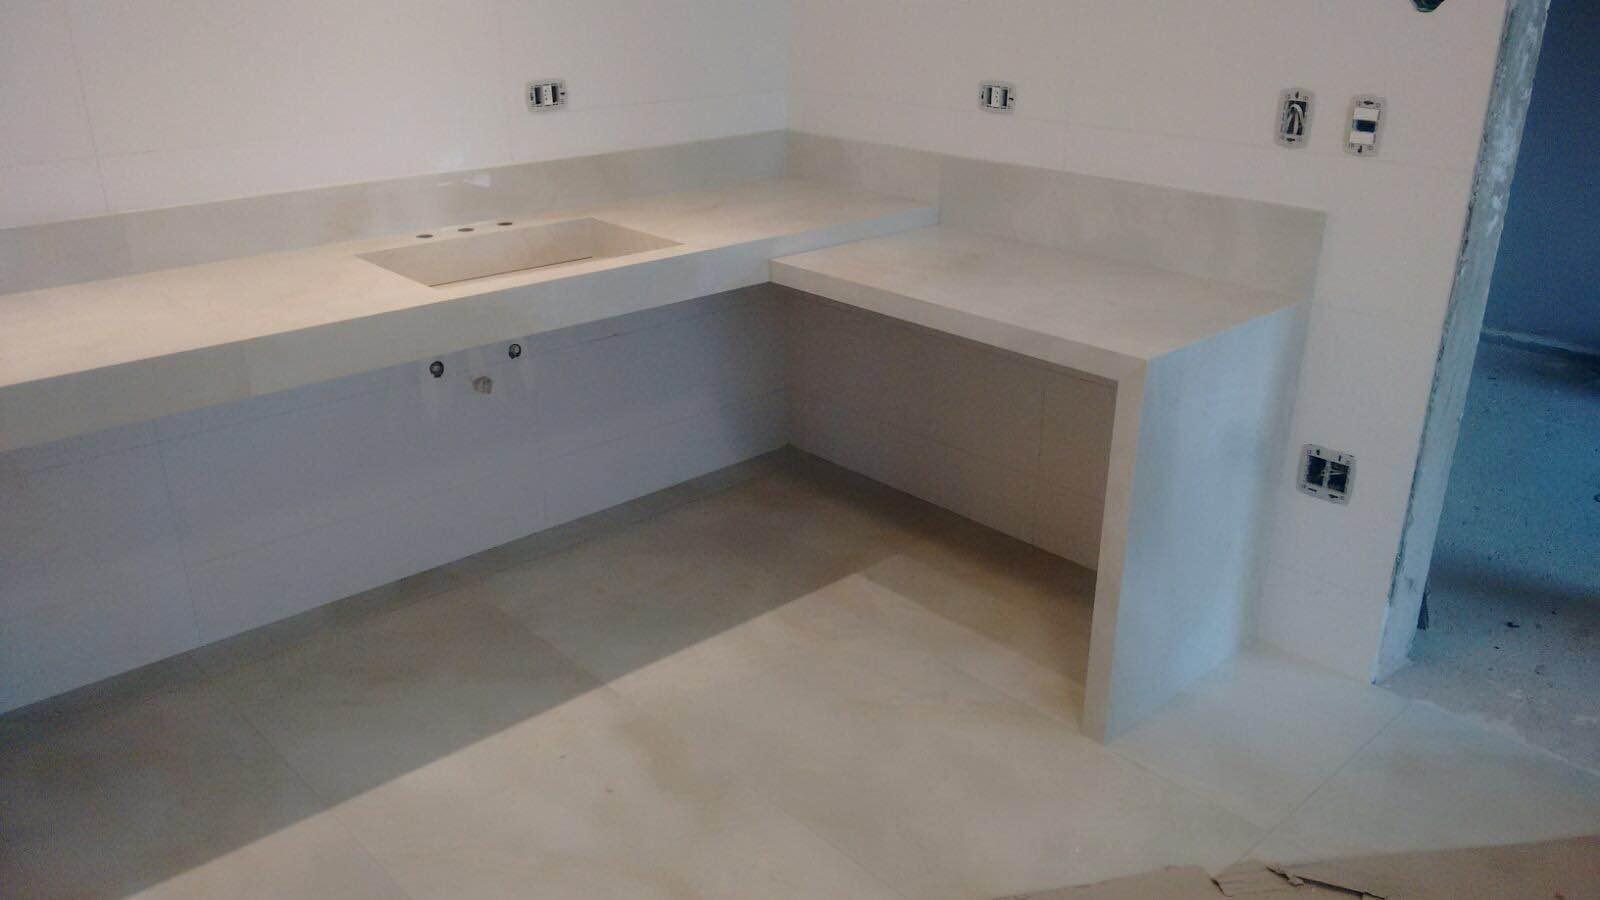 banheiras tampa do motor de banheira bit do box seu banheiro com o  #2D4660 1600x900 Banheiro Com Banheira Antiga